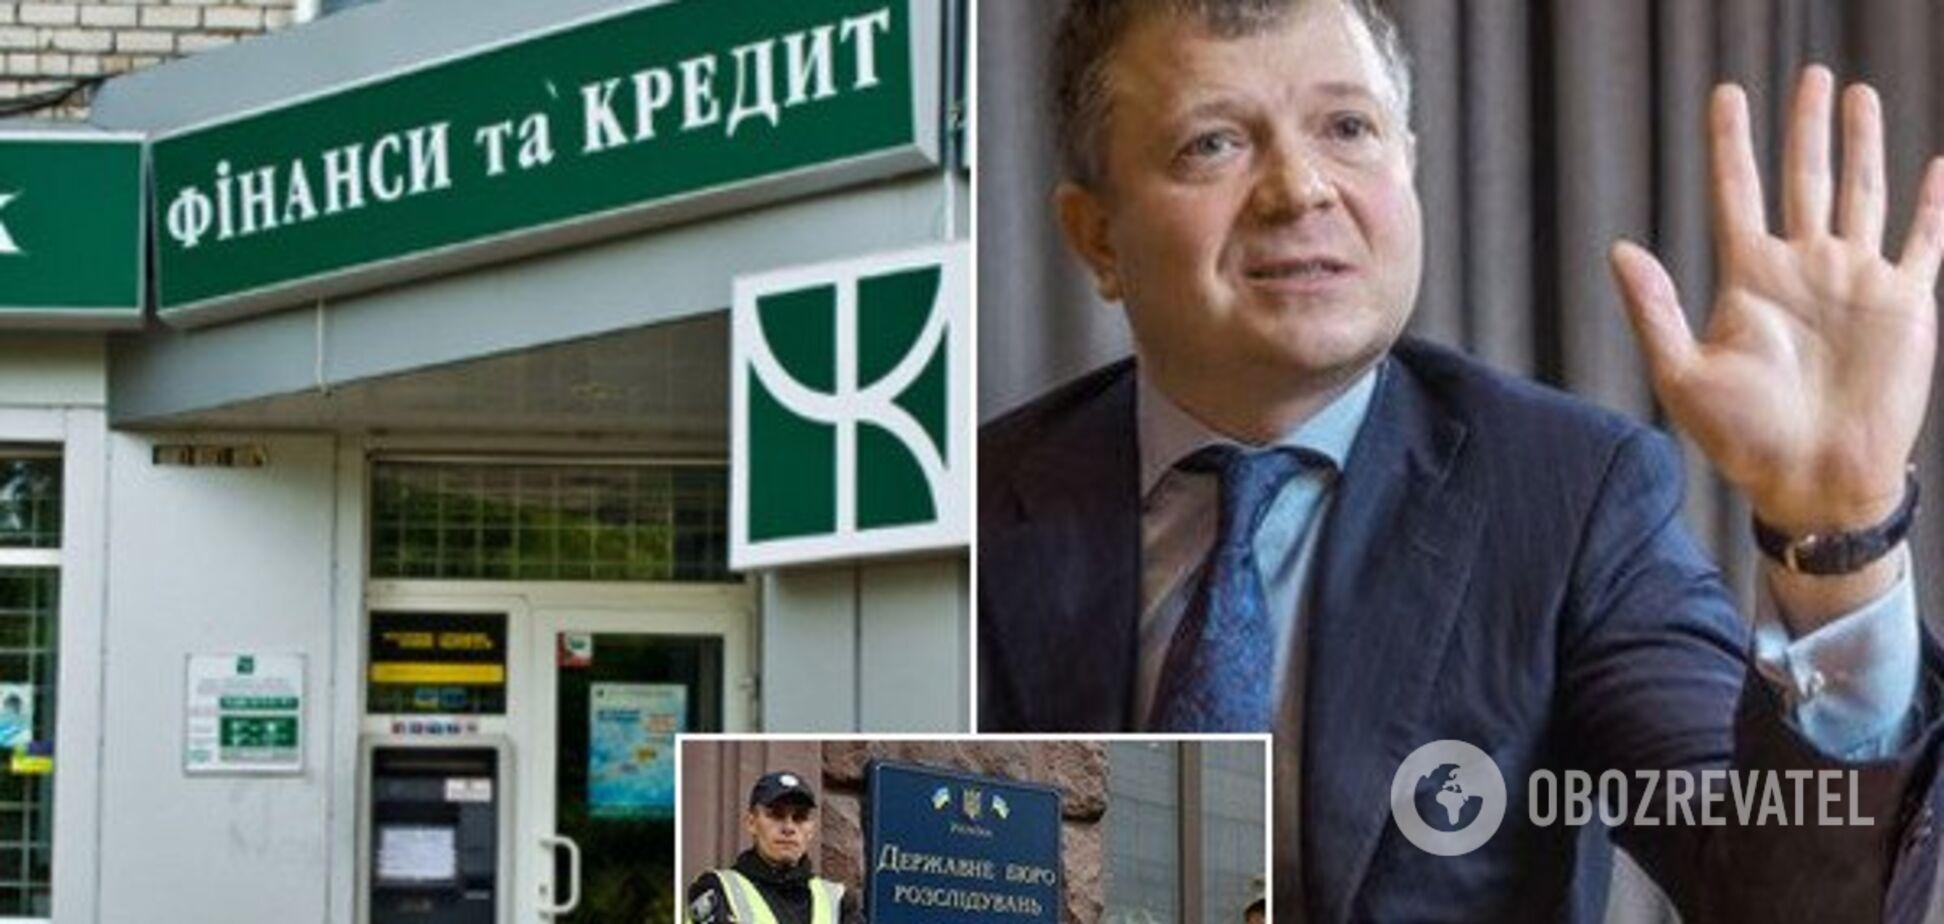 В Украине объявили в розыск экс-владельца крупного банка